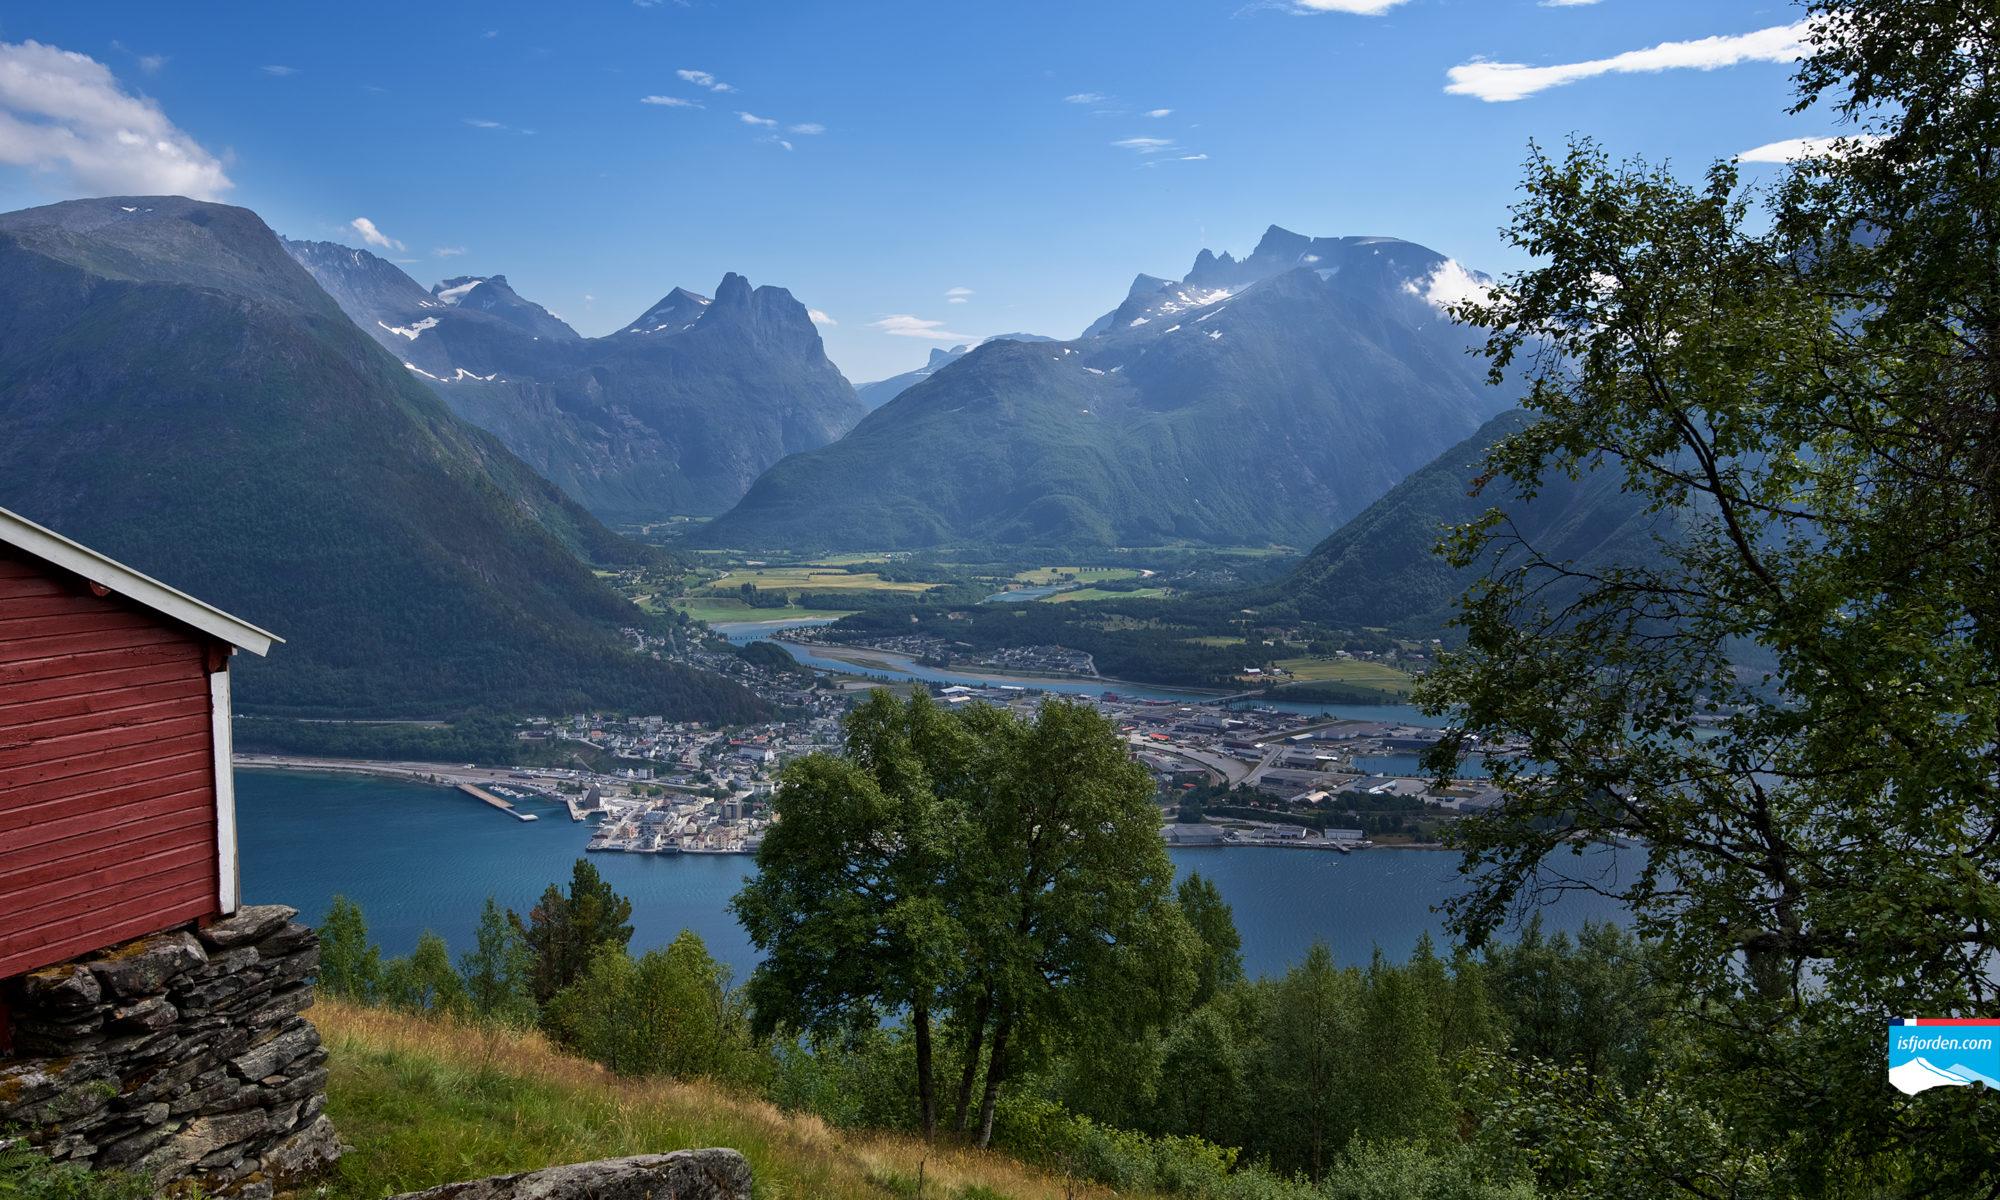 Einangsetra in Romsdal, Norway.